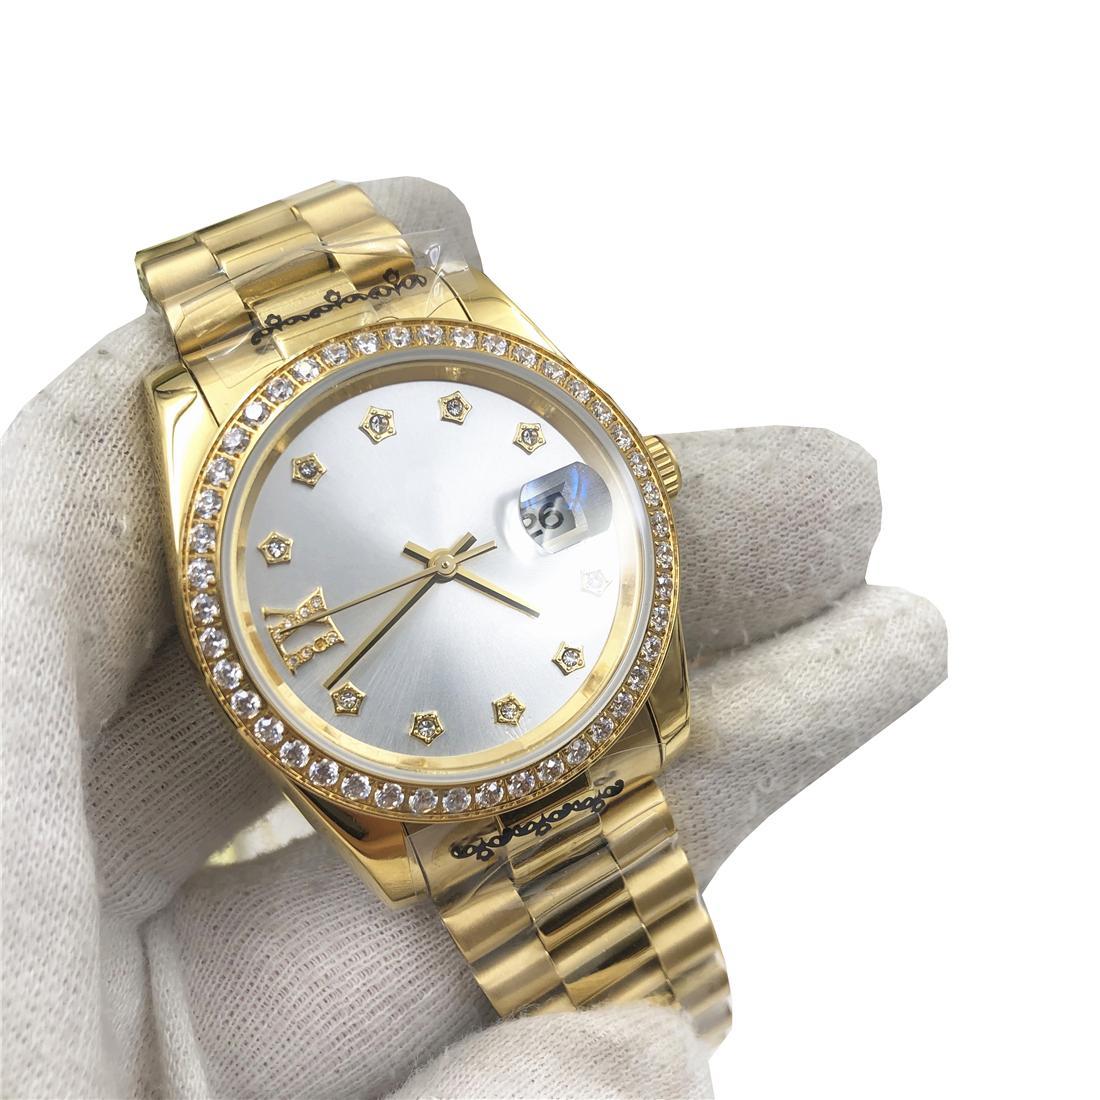 Top Hot Mens Automático Assista Noctilucent Negócios À Prova D 'Água Luxo Relógio De Aço Diamante Strap Relogio Mulheres 36mm